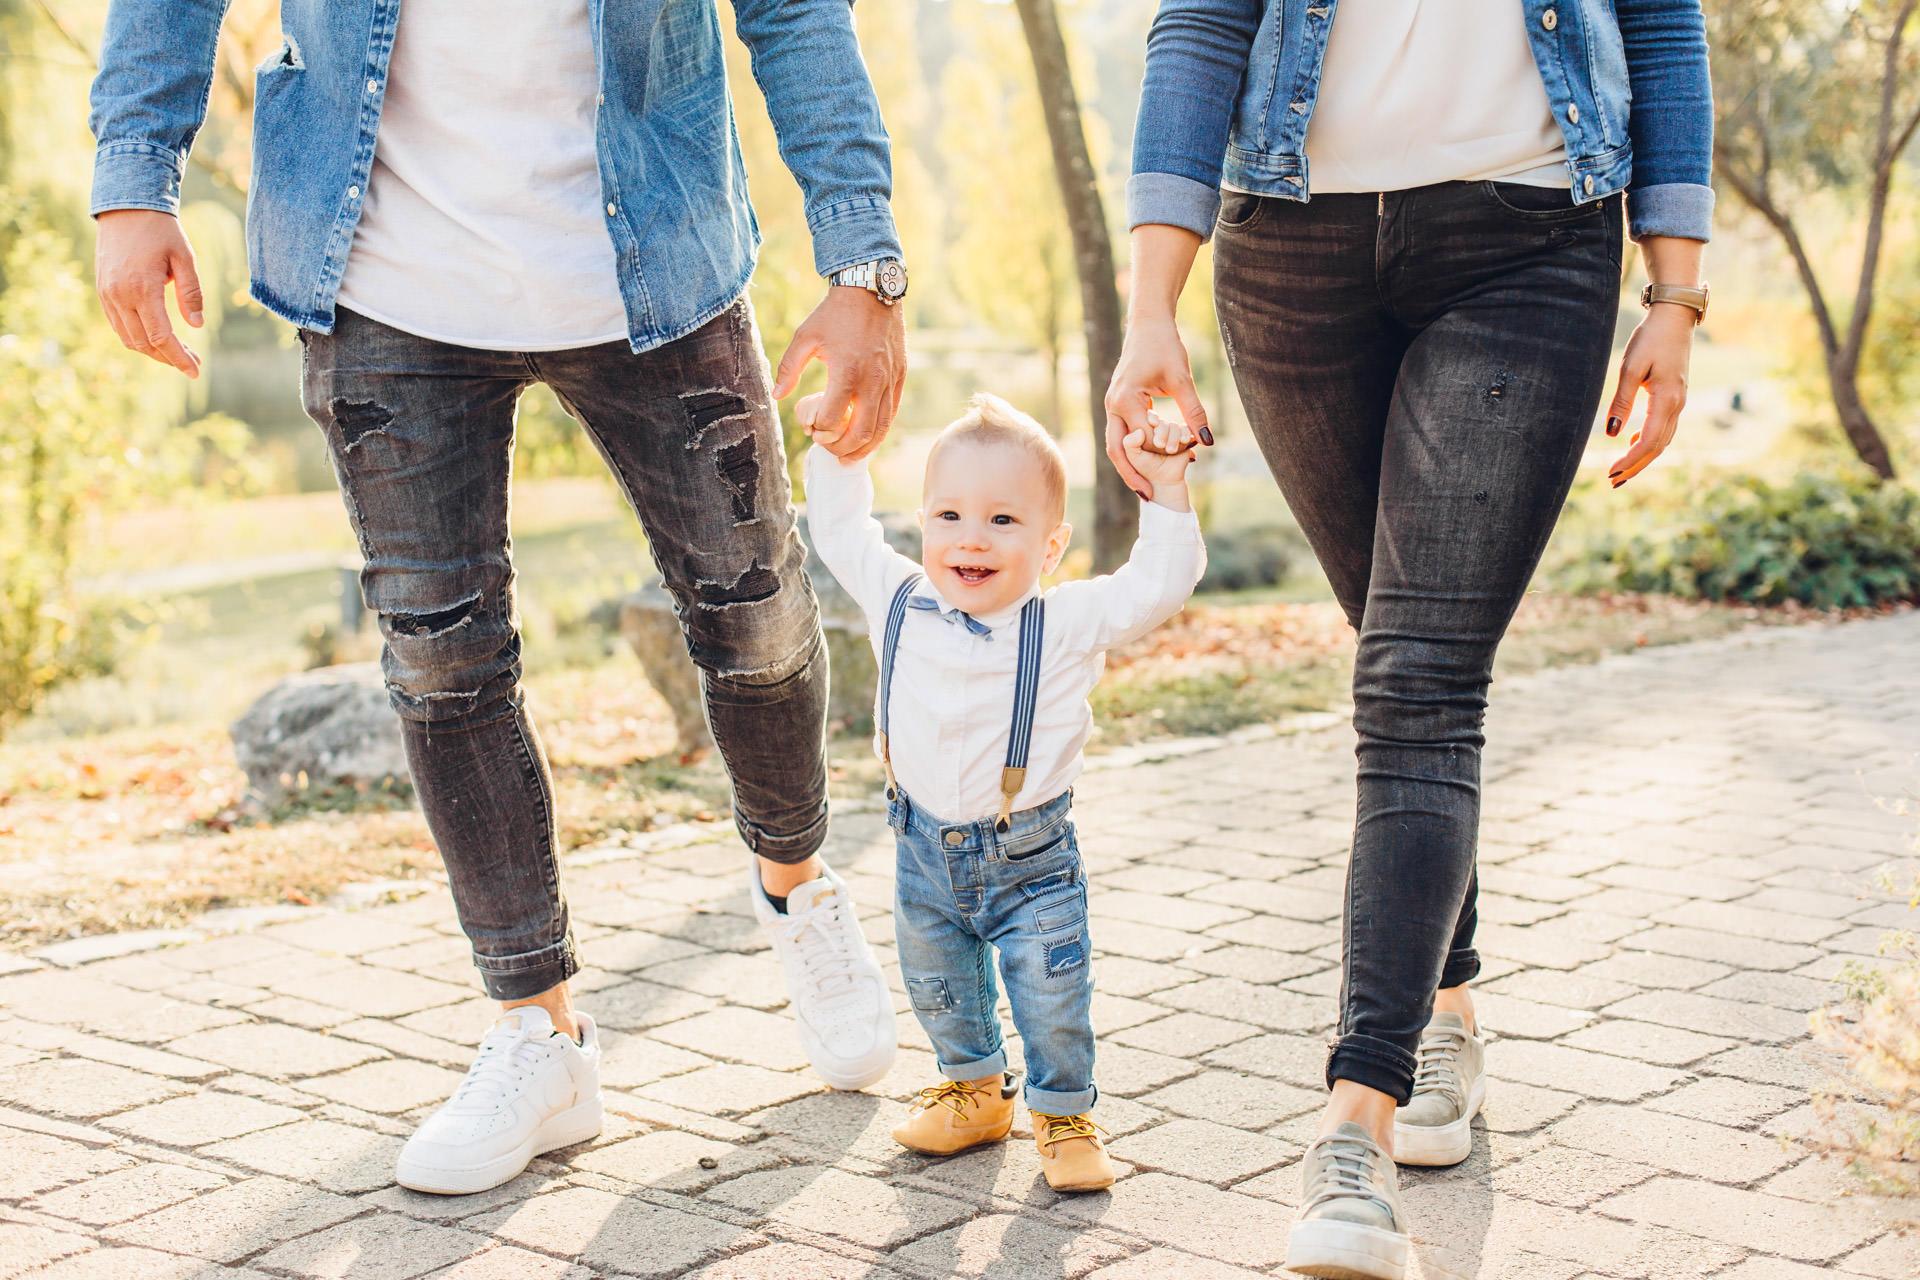 Familienfotoshooting Fotograf Mainz Eltern zusammen mit ihrem Kind in Jeansoutfits